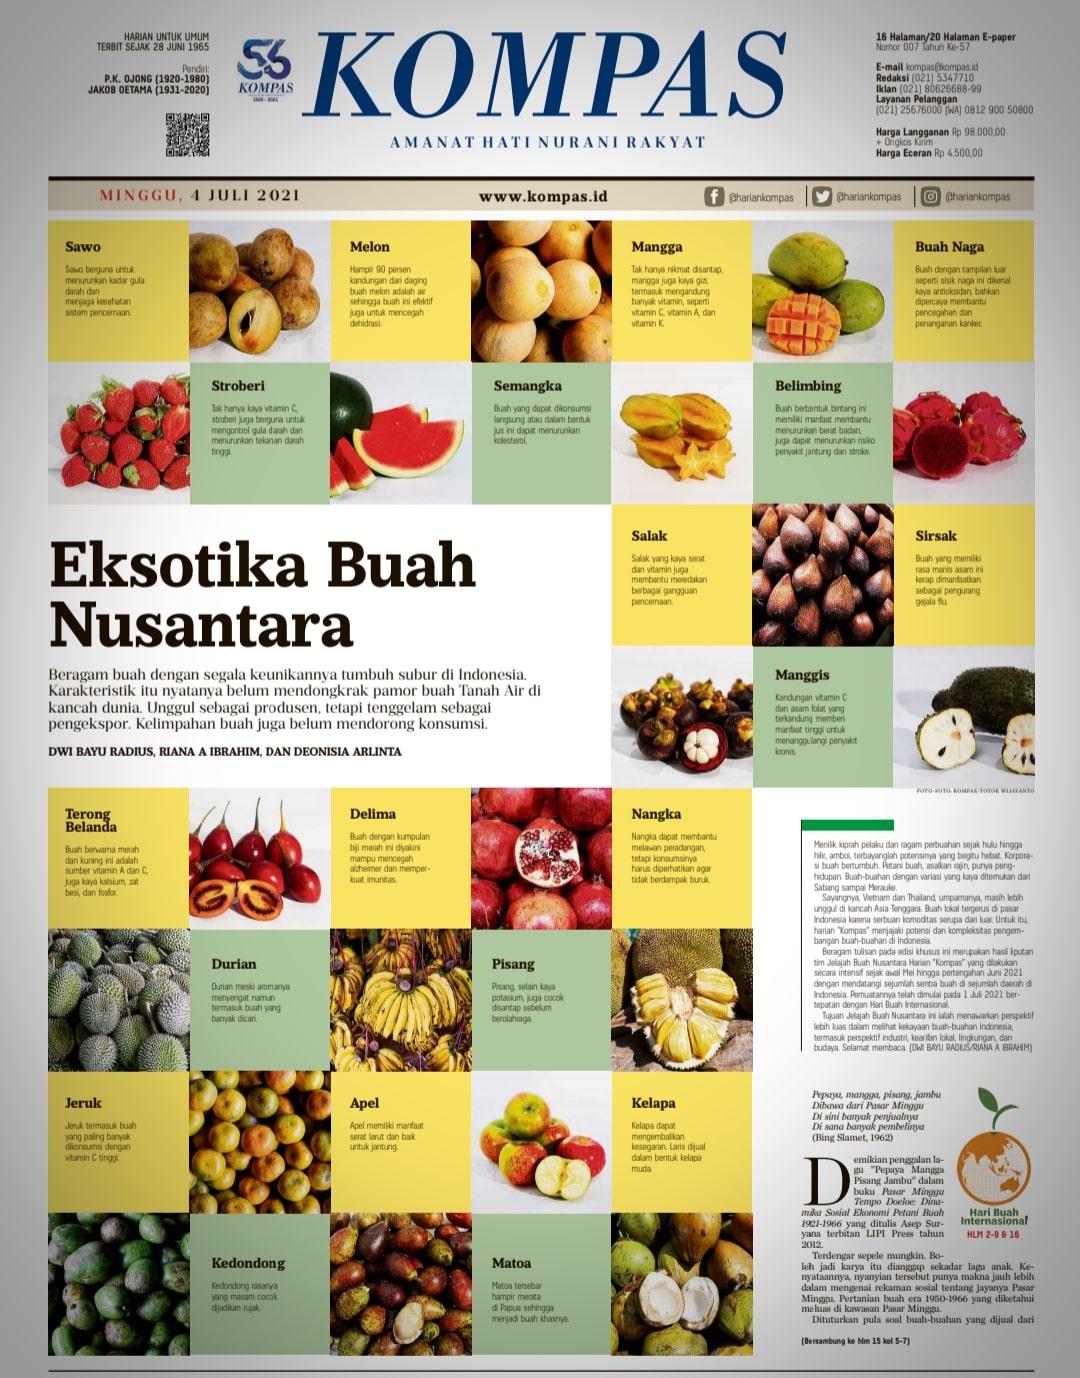 Kita dan anak kita kurang mengenal buah-buahan lokal